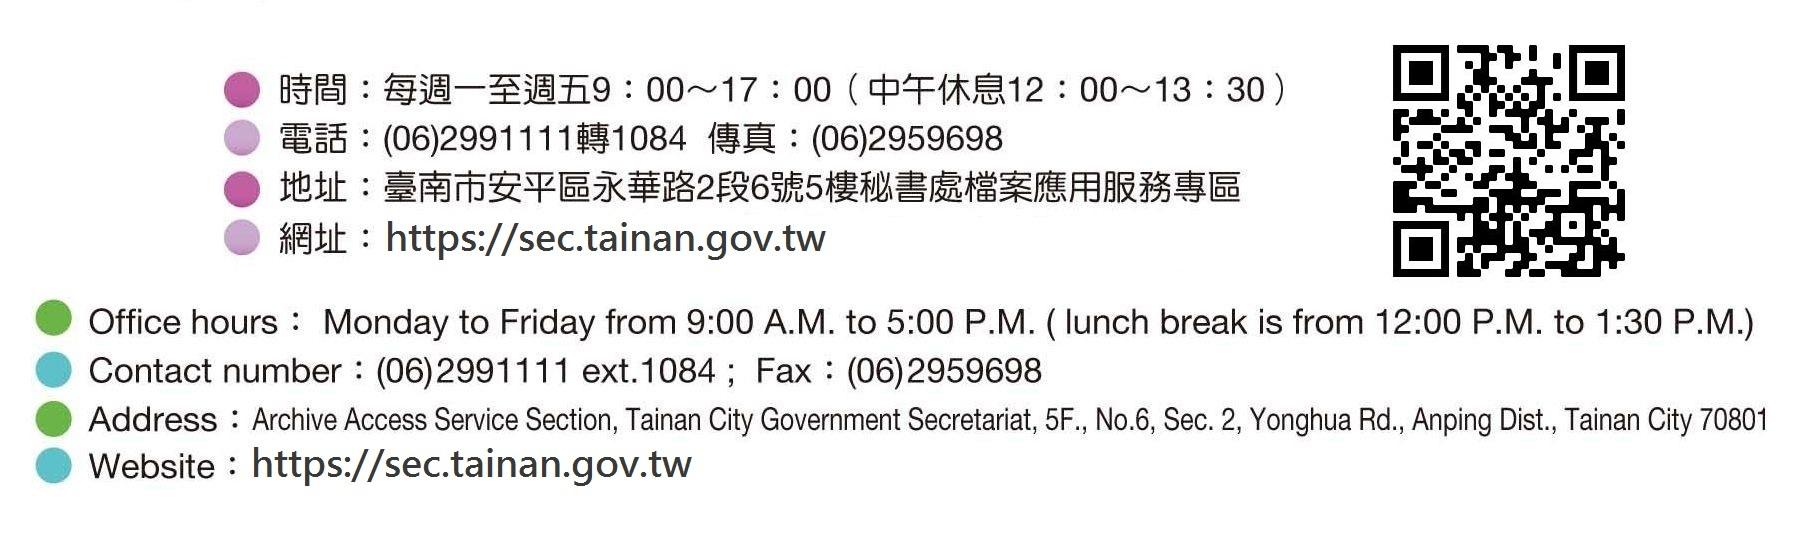 臺南市政府檔案應用服務專區聯絡資料